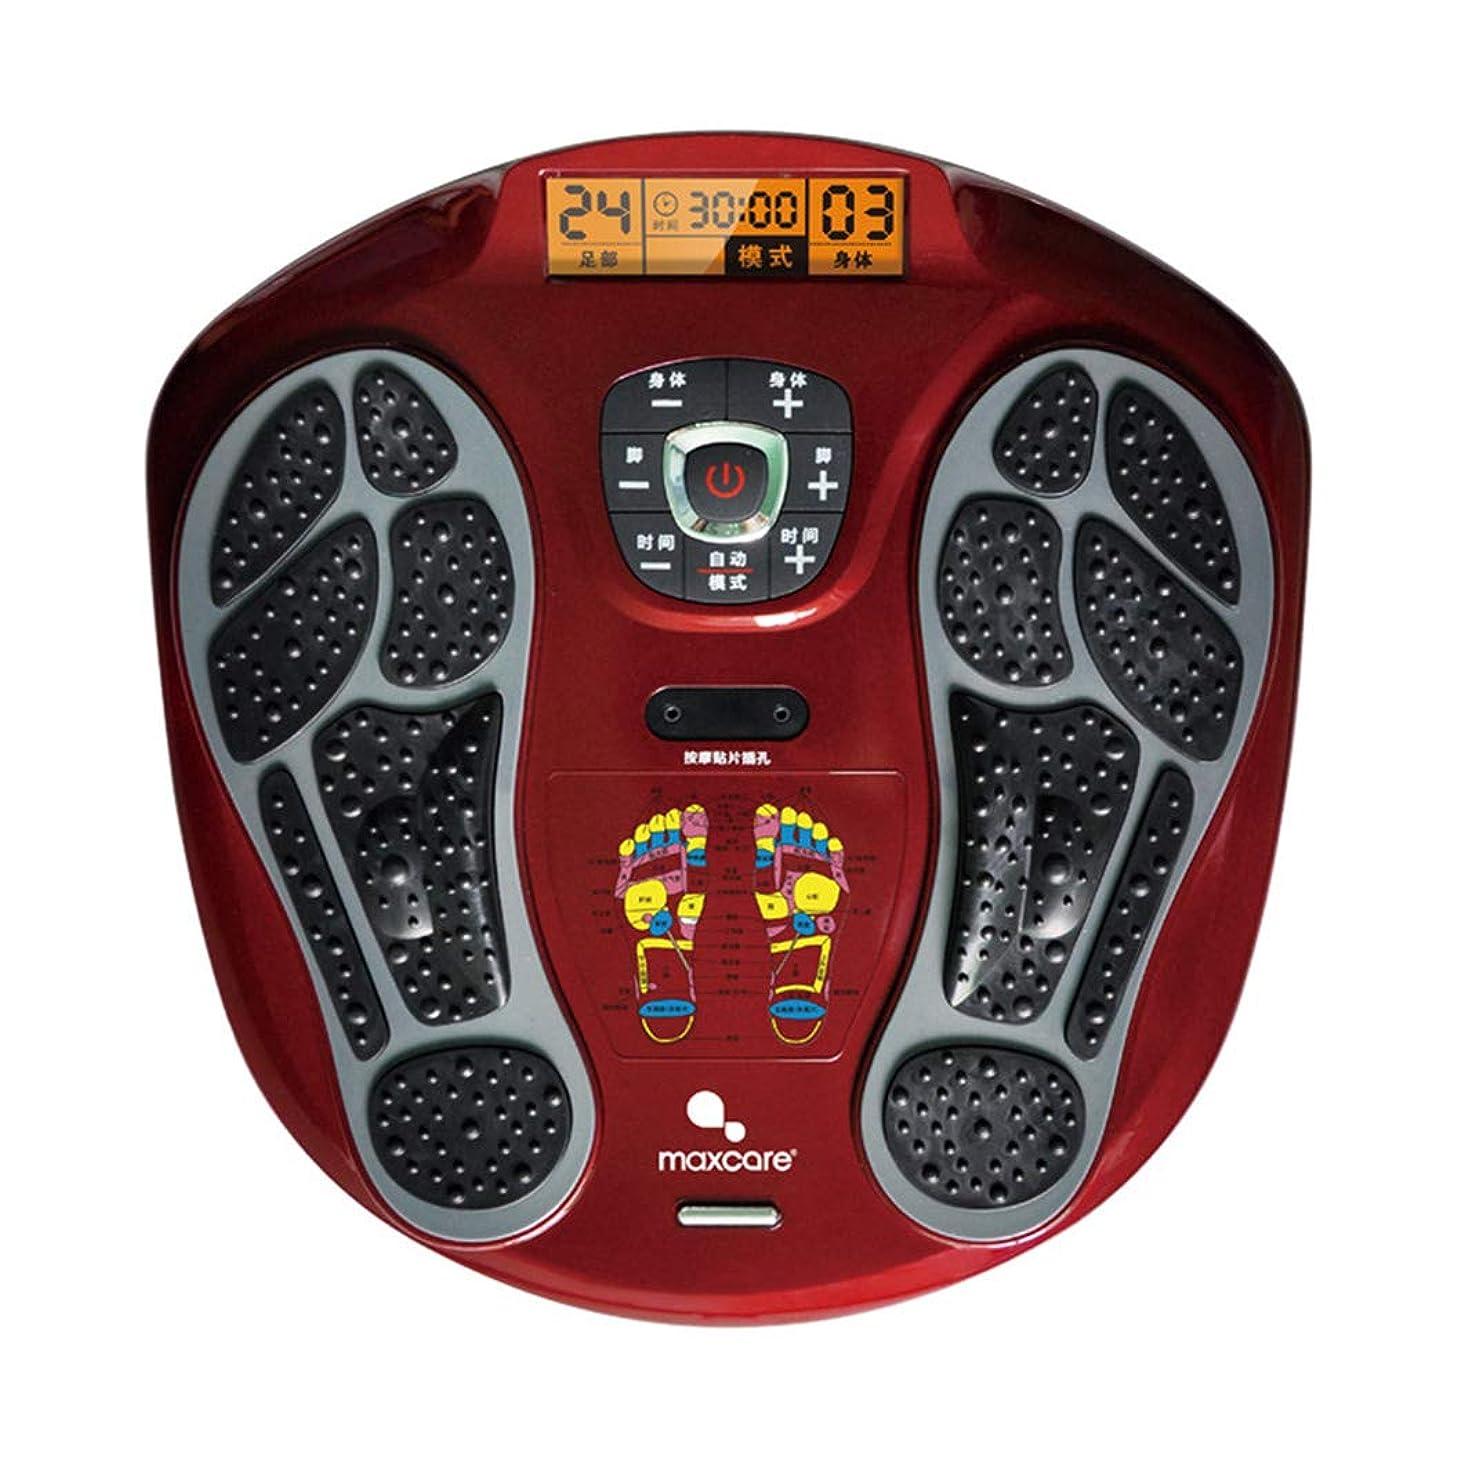 追い払う口頭リハーサル調整可能 フットマッサージャー、LEDディスプレイスクリーン、フットリラクゼーションのための熱を備えたマシン、15のモードを備えた疲労緩和。 リラックス